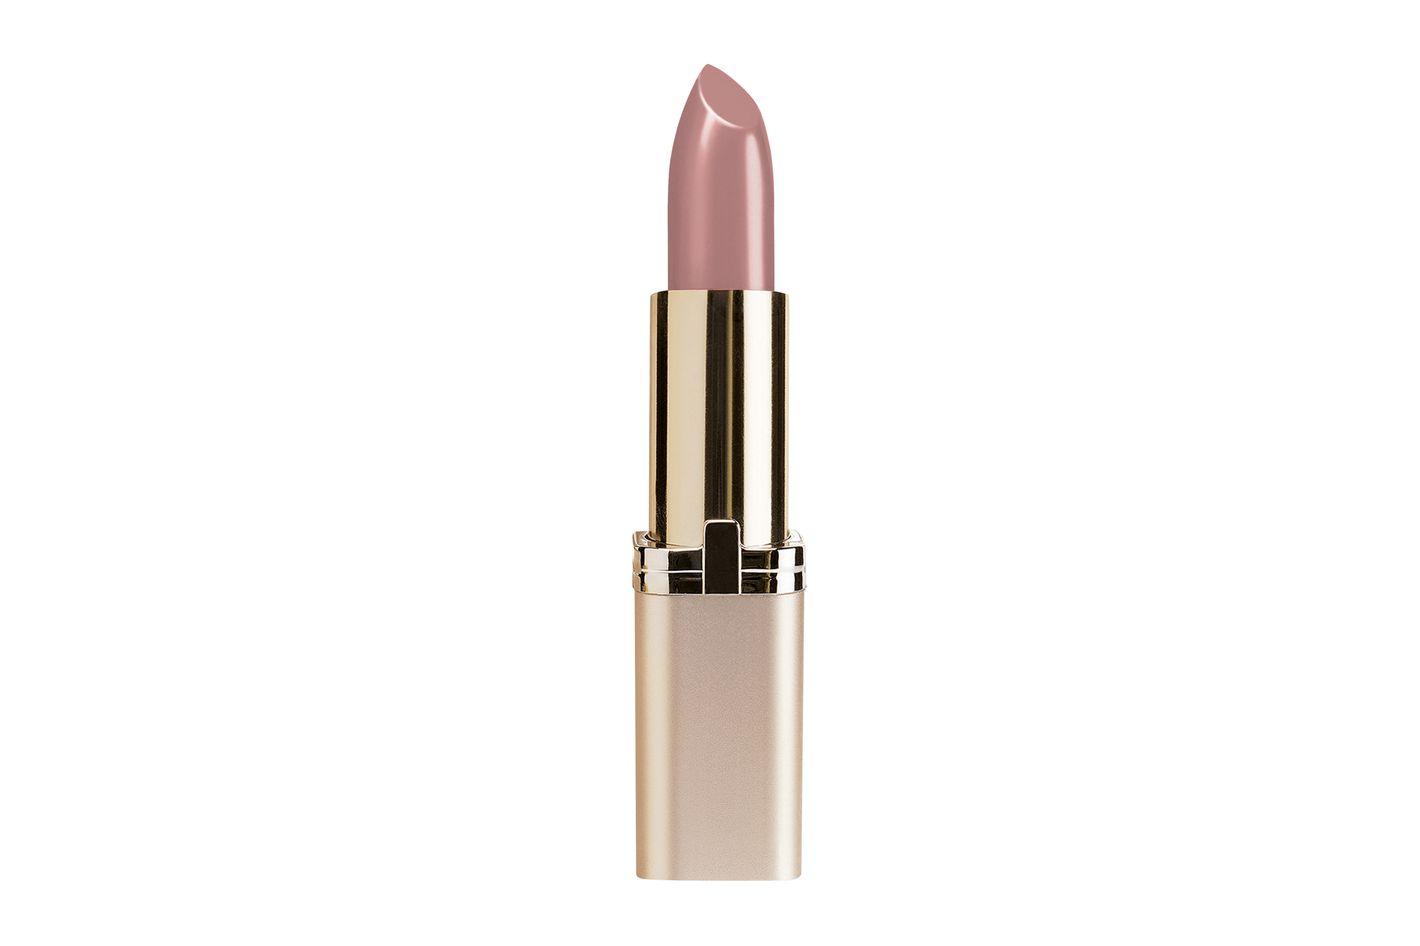 L'Oréal Paris Colour Riche Lipstick, Fairest Nude